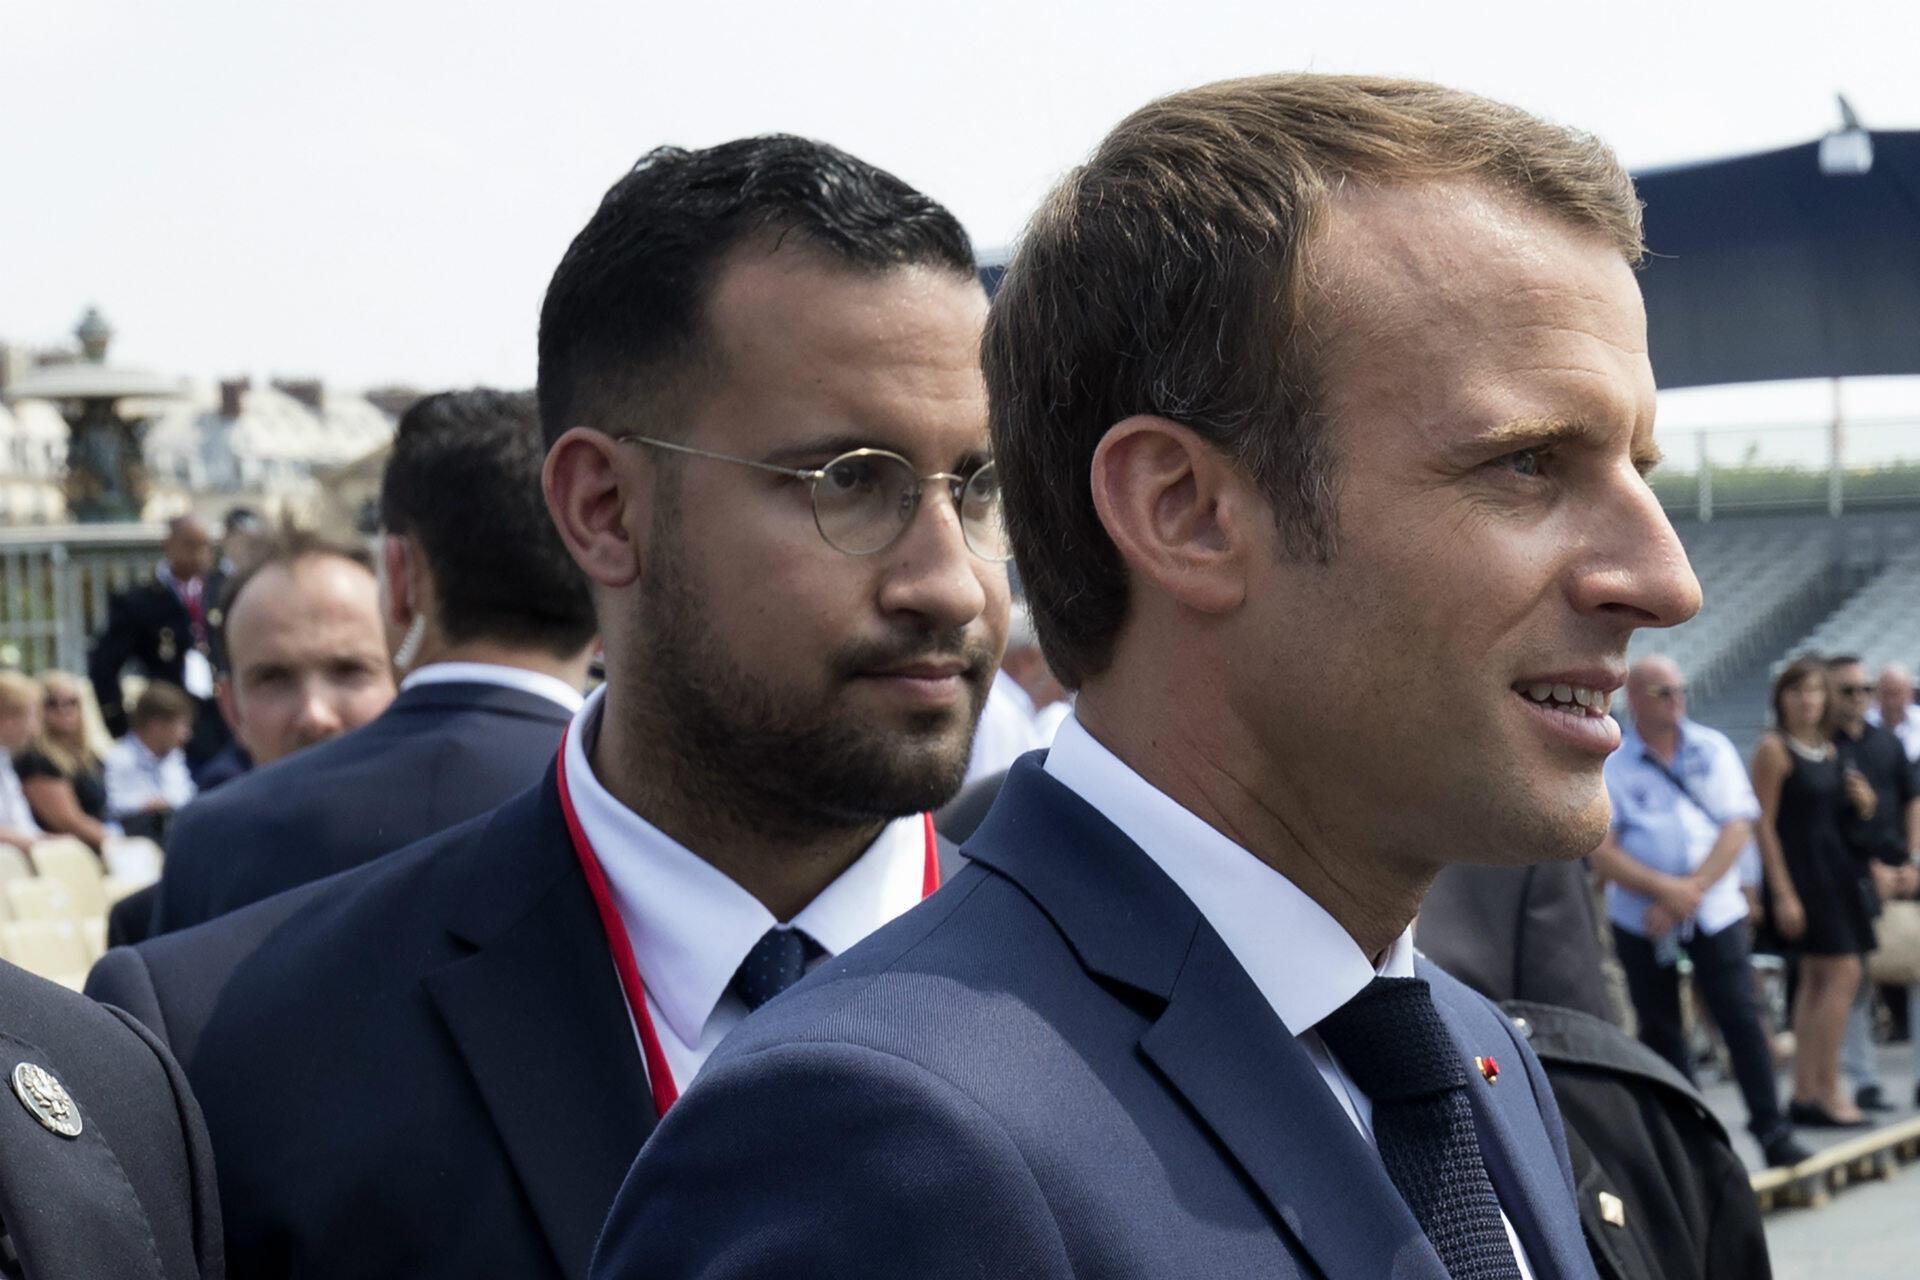 Le quotidien Le Monde révèle le 18 juillet qu'Alexandre Benalla, chargé de mission auprès d'Emmanuel Macron, a usurpé la fonction de policier, a interpellé et violenté deux personnes lors d'une manifestation le 1er mai à Paris. L'Élysée, informé du problème dès le 2 mai, est accusé de l'avoir géré avec légèreté. Commissions d'enquêtes parlementaires, audition du ministre de l'Intérieur, emballement médiatique : l'affaire Benalla empoisonne l'exécutif tout l'été. La réforme constitutionnelle, notamment, est repoussée. Elle connaît un acte II en fin d'année lorsque Mediapart et Le Monde révèlent qu'Alexandre Benalla continue de voyager avec un passeport diplomatique.